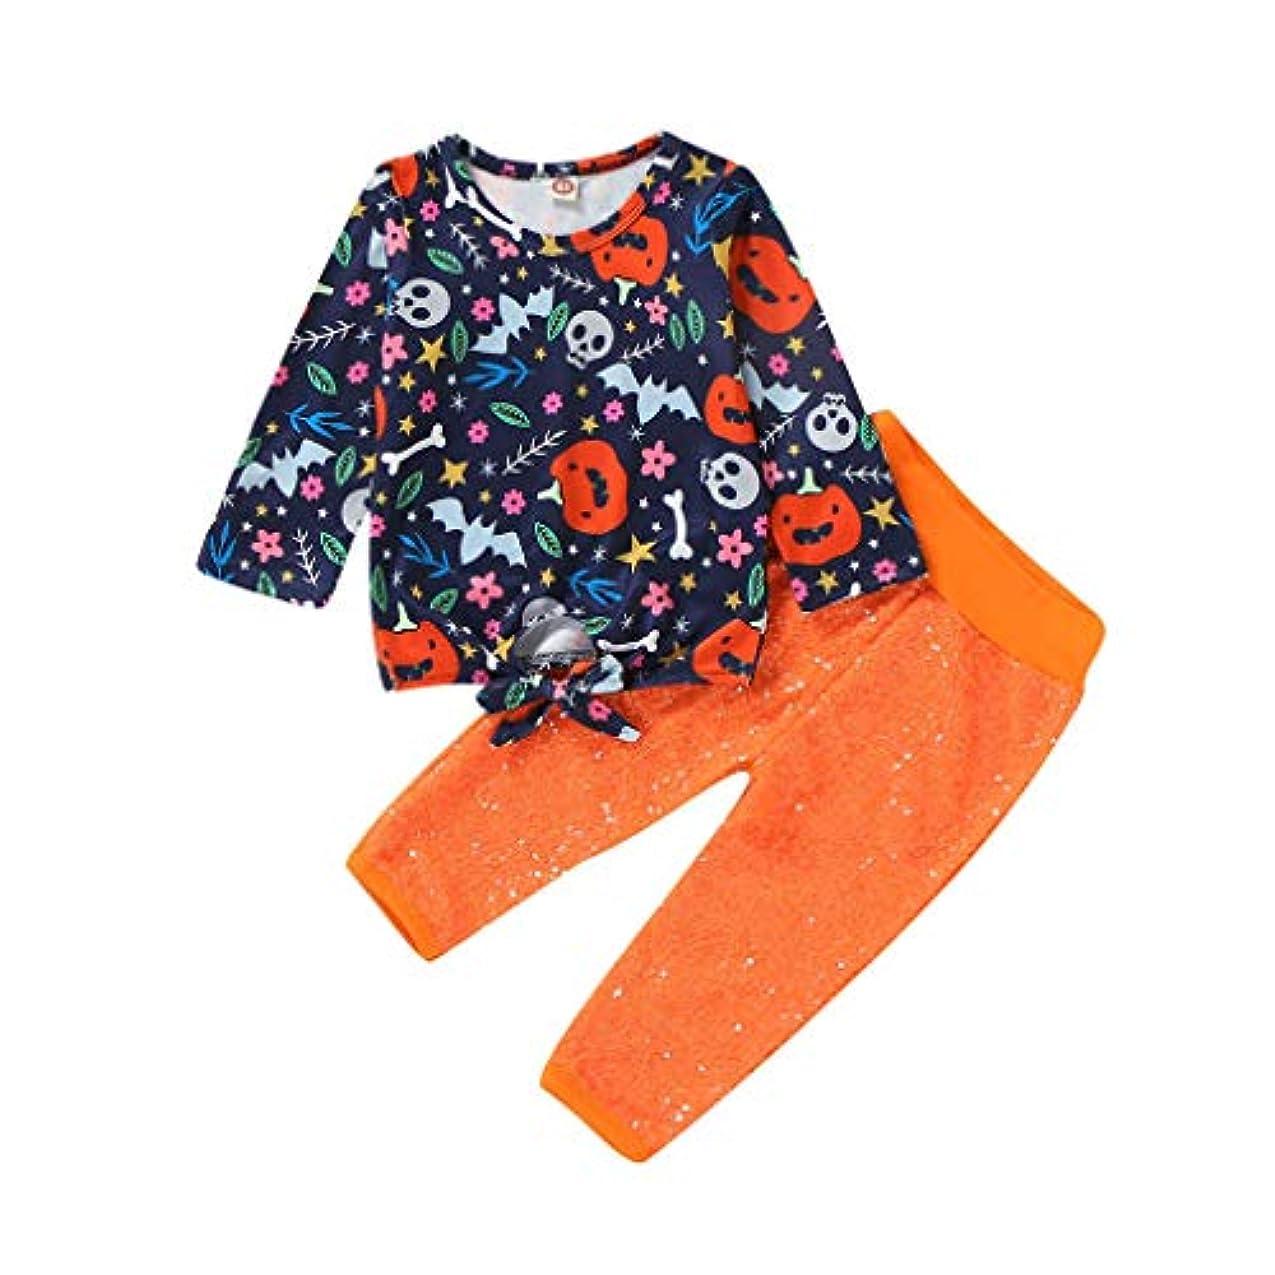 メンテナンスいろいろ盆地(ウェルドゥオ)(6M-4T)子供用長袖ハロウィン漫画トップスパンコールパンツセット幼児キッズベビーガールズハロウィン漫画パンプキントップスパンコールパンツ衣装